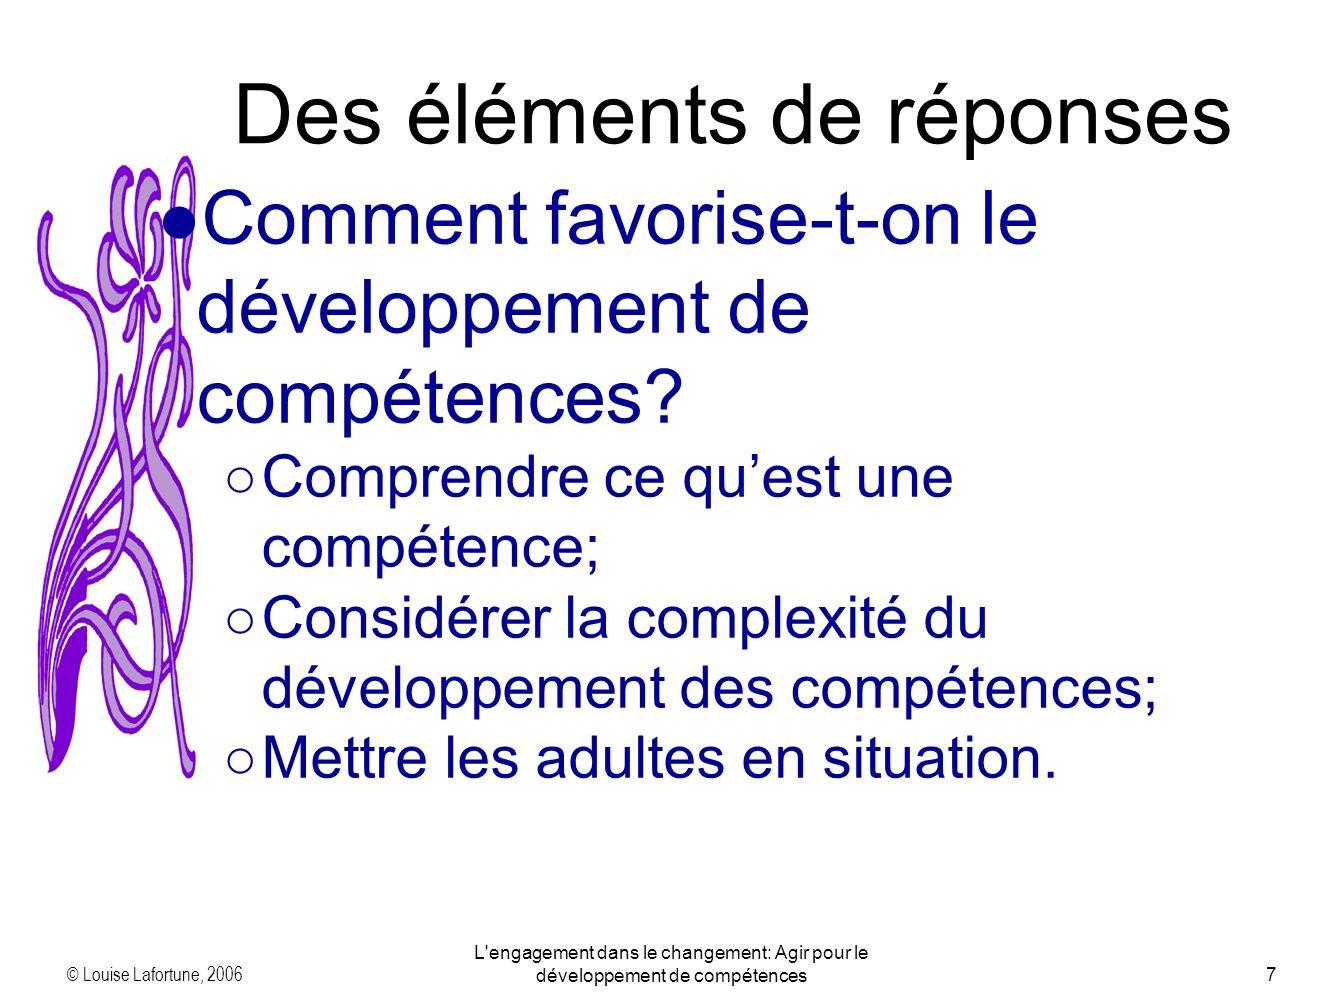 © Louise Lafortune, 2006 L'engagement dans le changement: Agir pour le développement de compétences7 Des éléments de réponses Comment favorise-t-on le